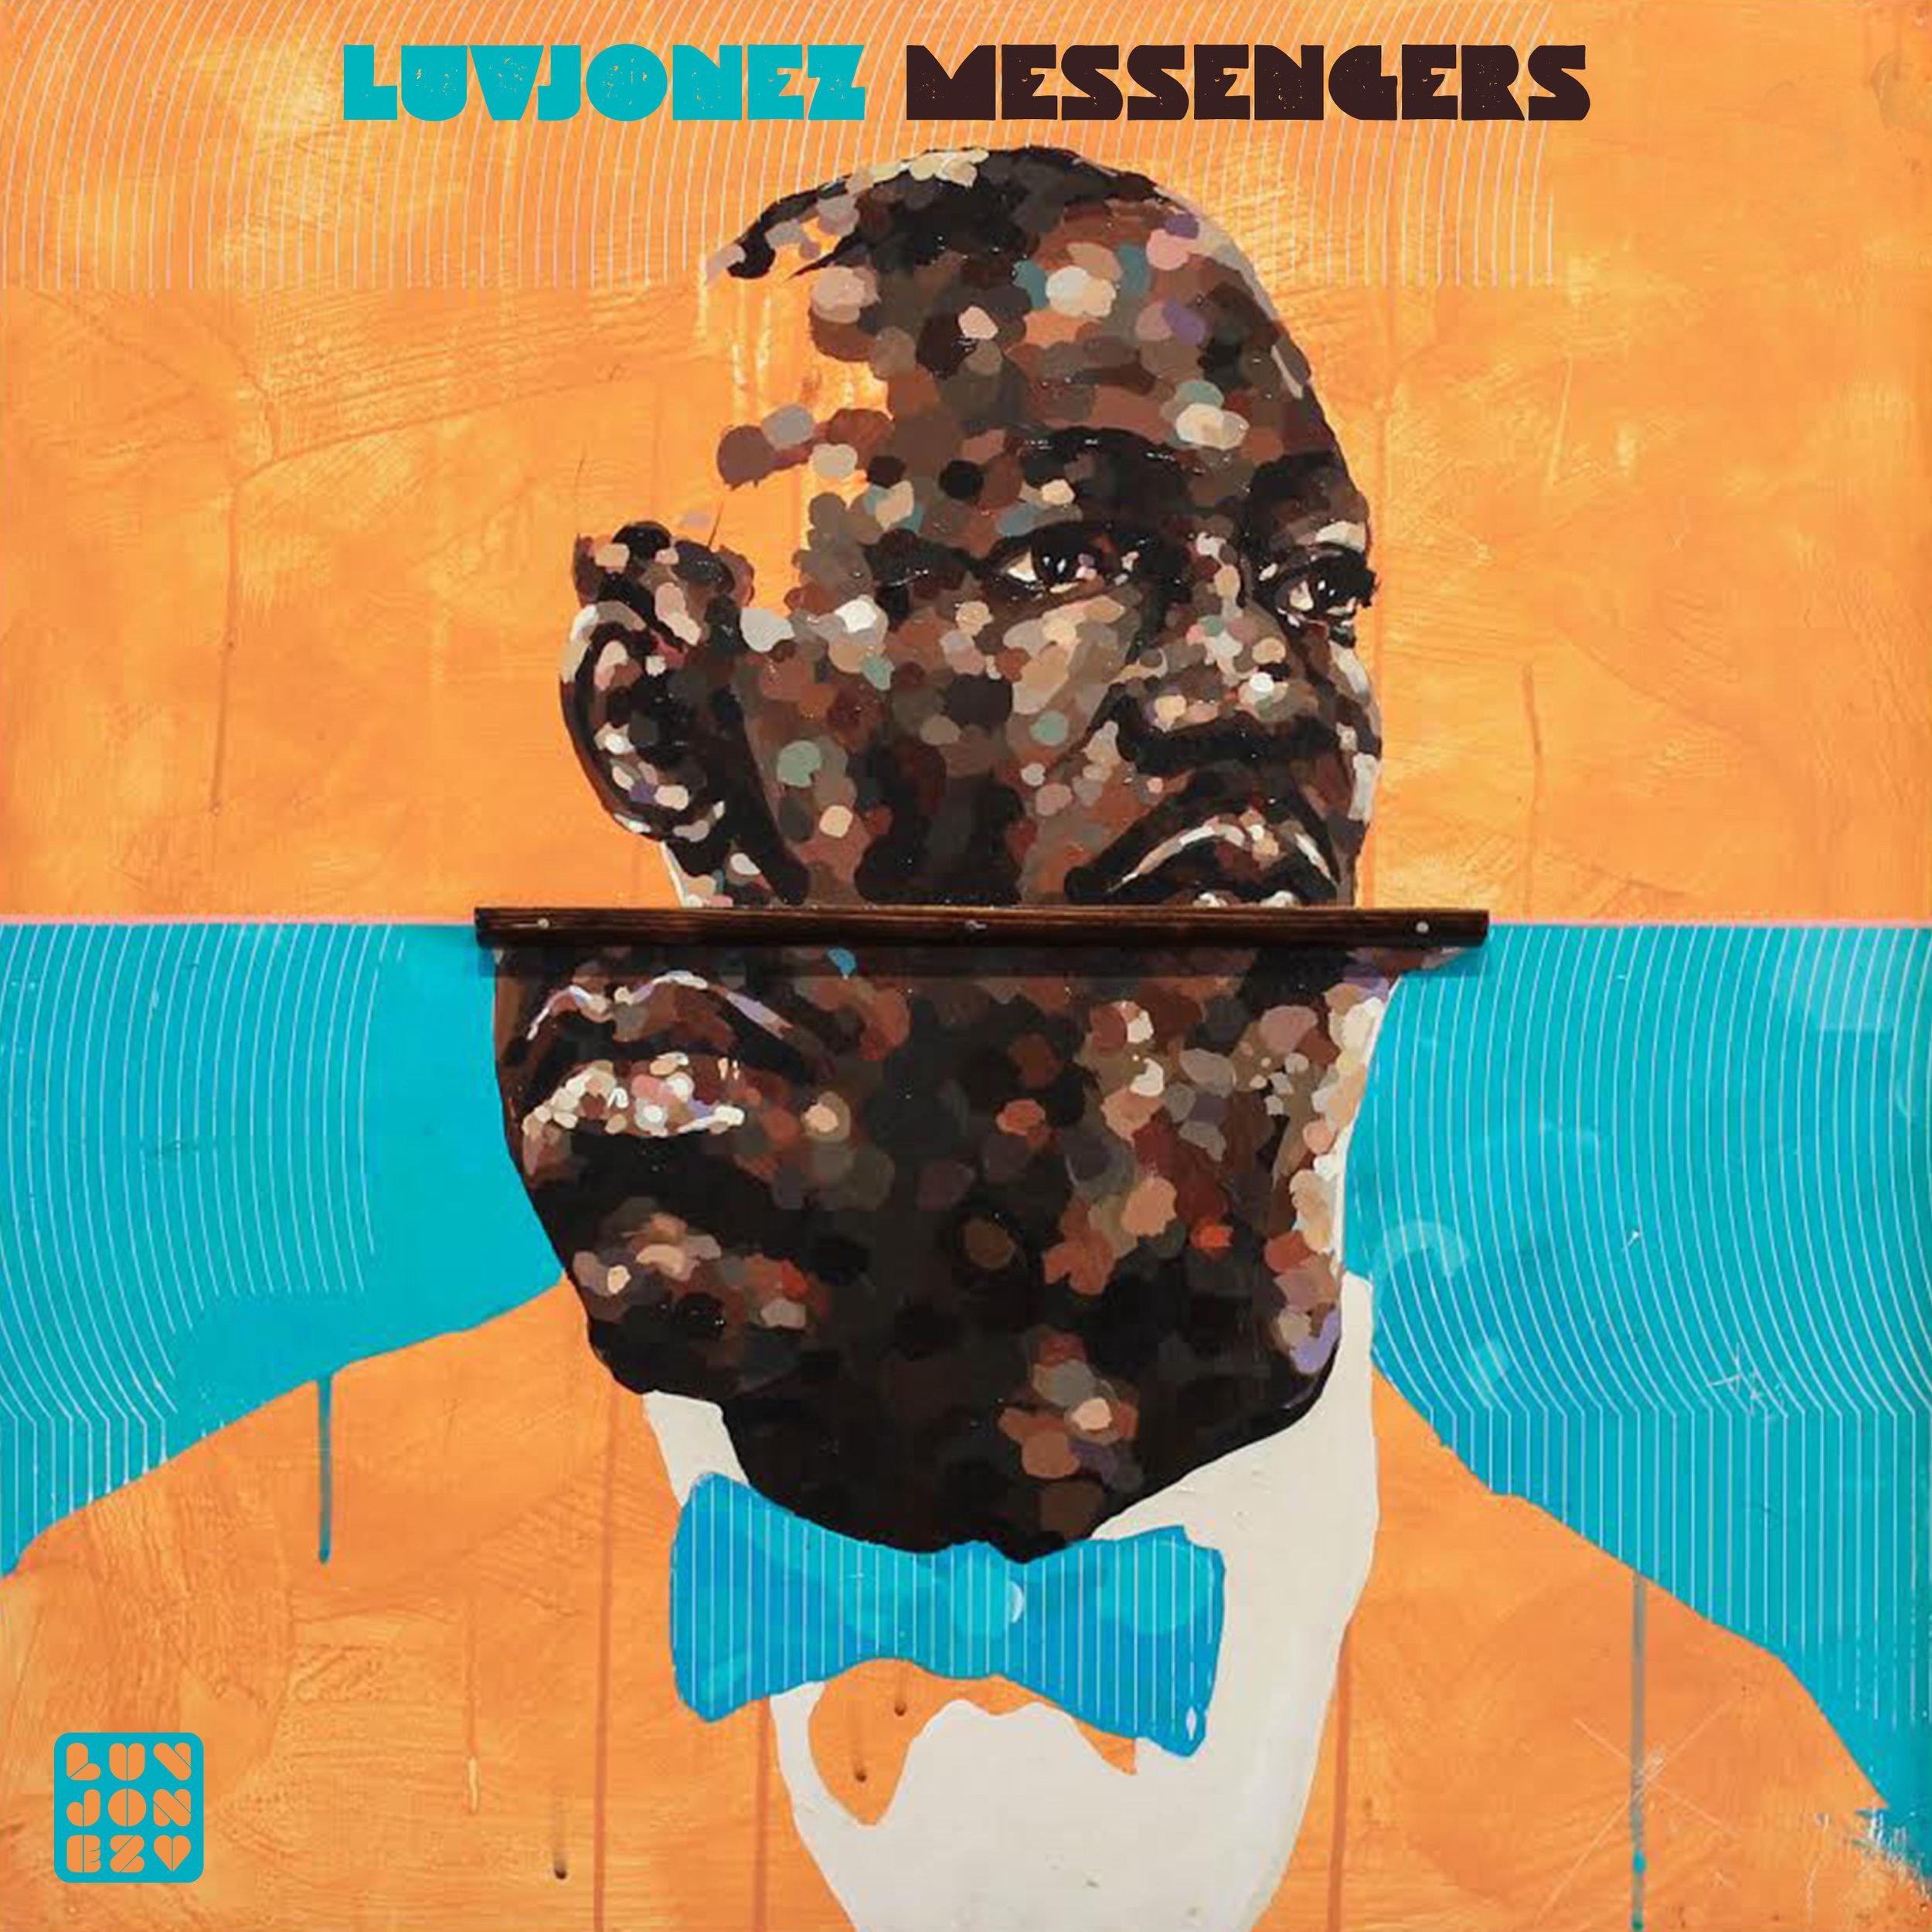 Luvjonez - Messengers